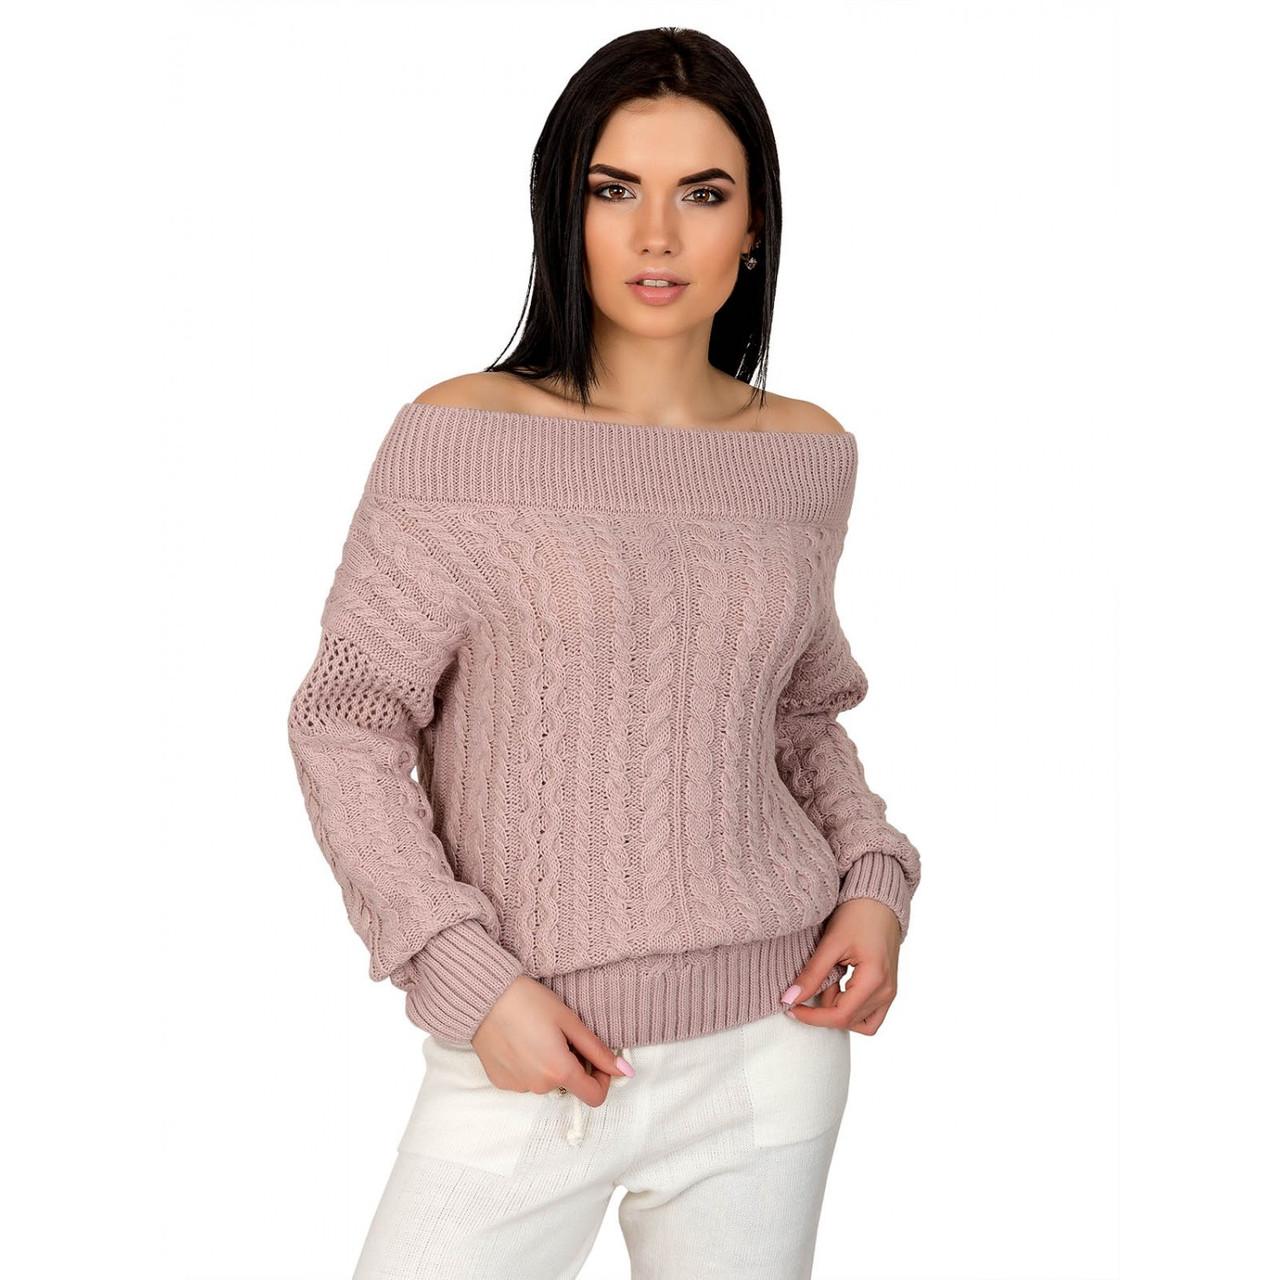 Вязаный женский свитер Фиби-5 из шерсти и акрила